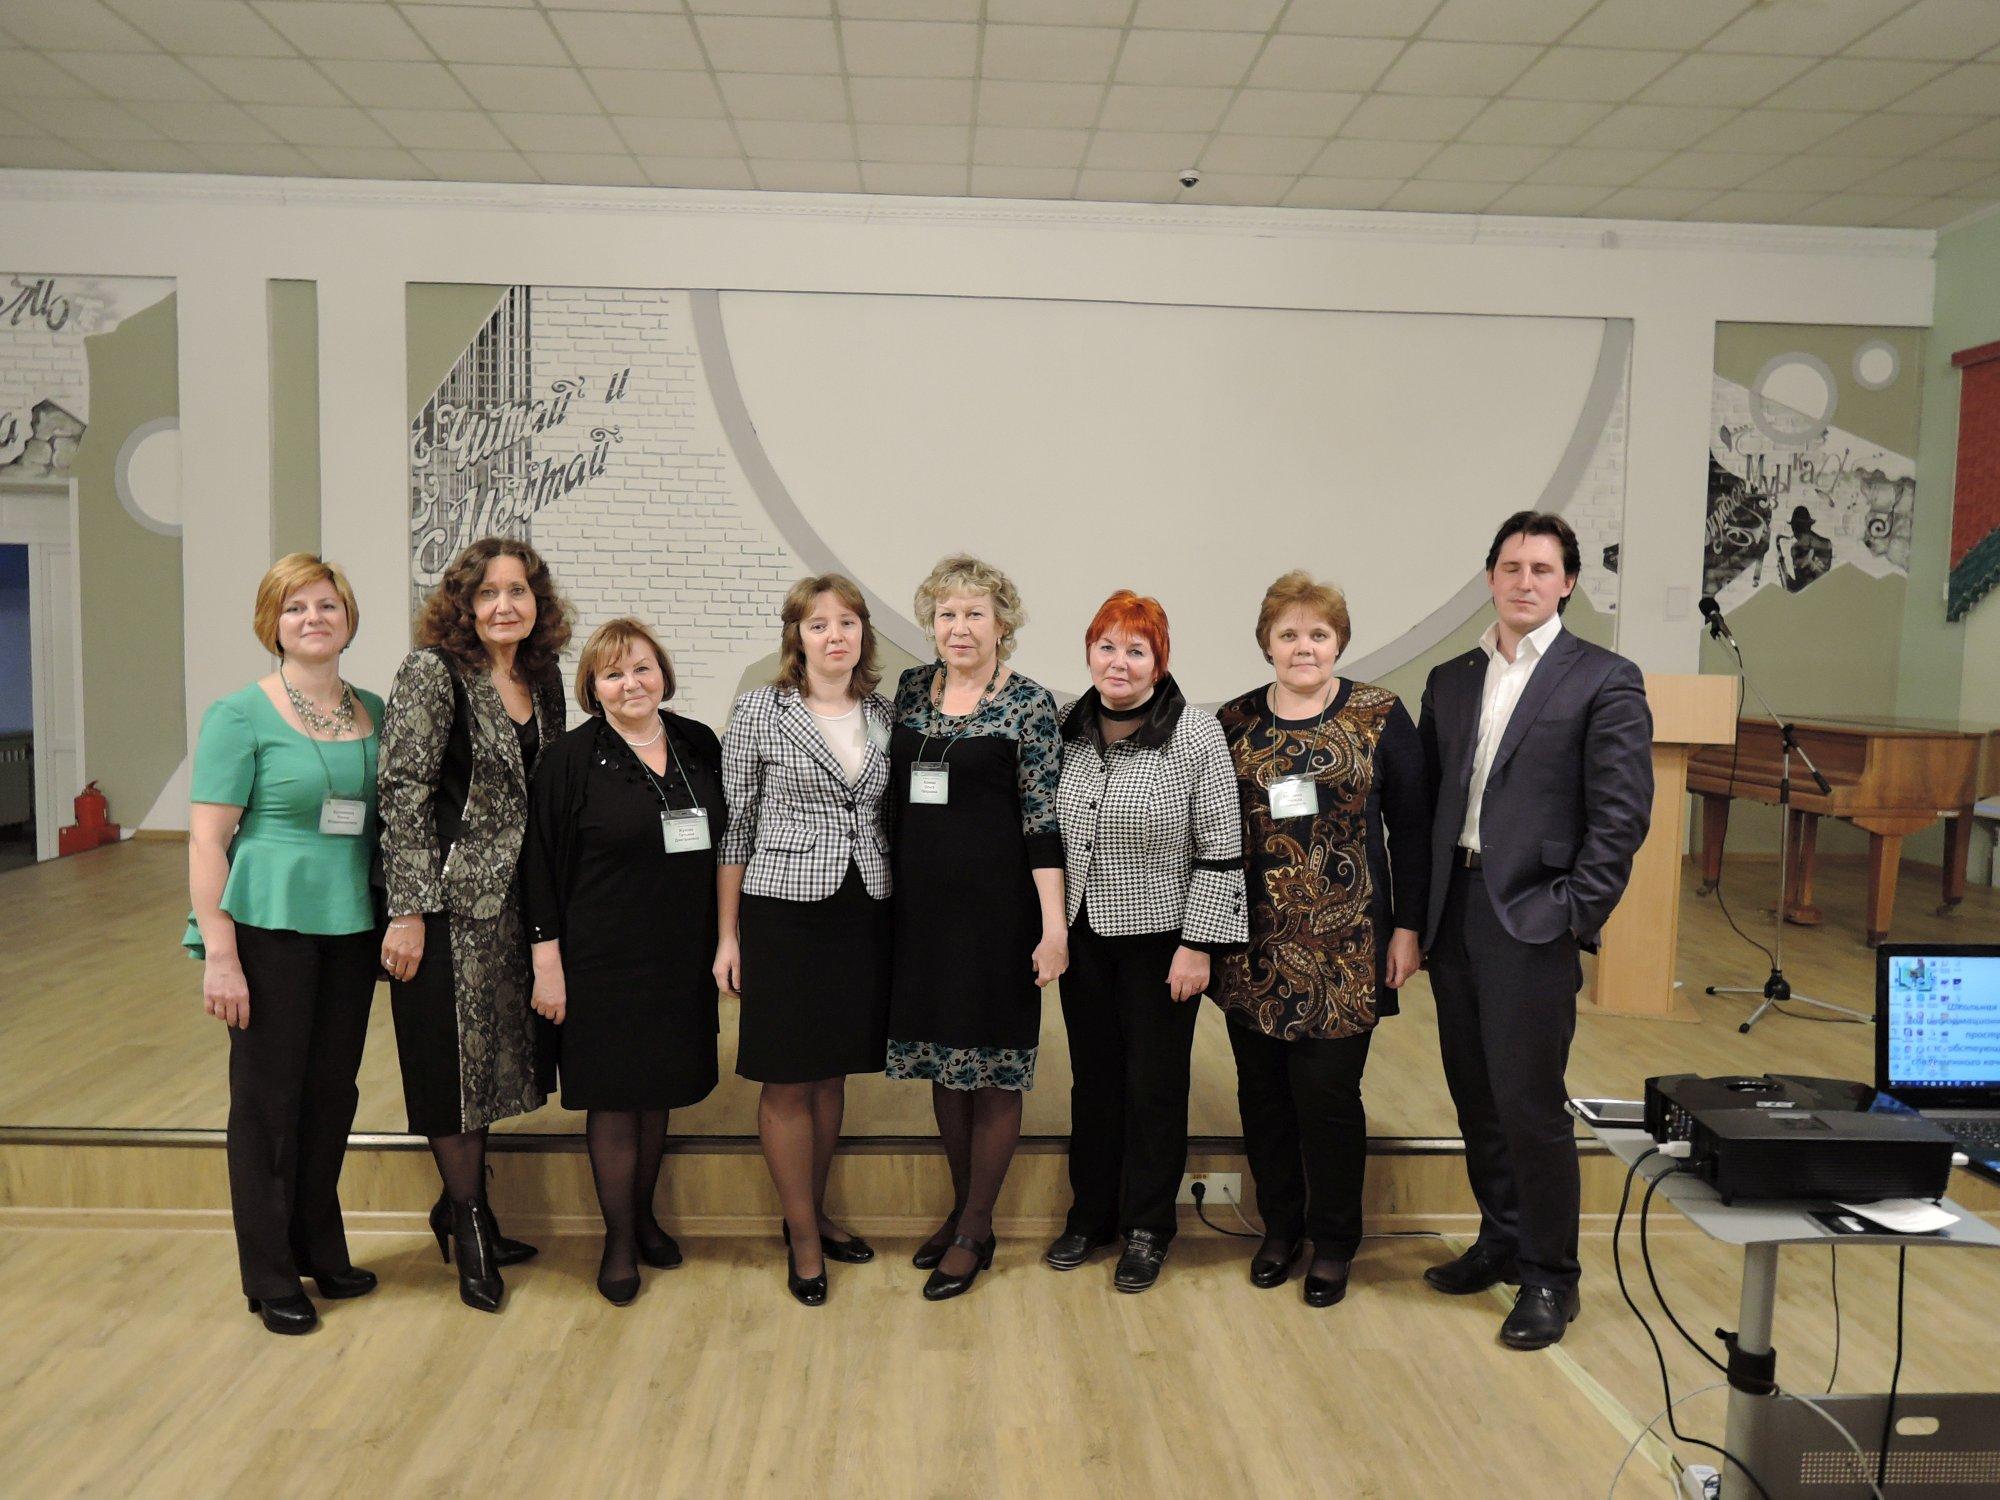 На Всероссийском семинаре-совещании представлен опыт работы школьных библиотек Ленинск-Кузнецкого городского округа